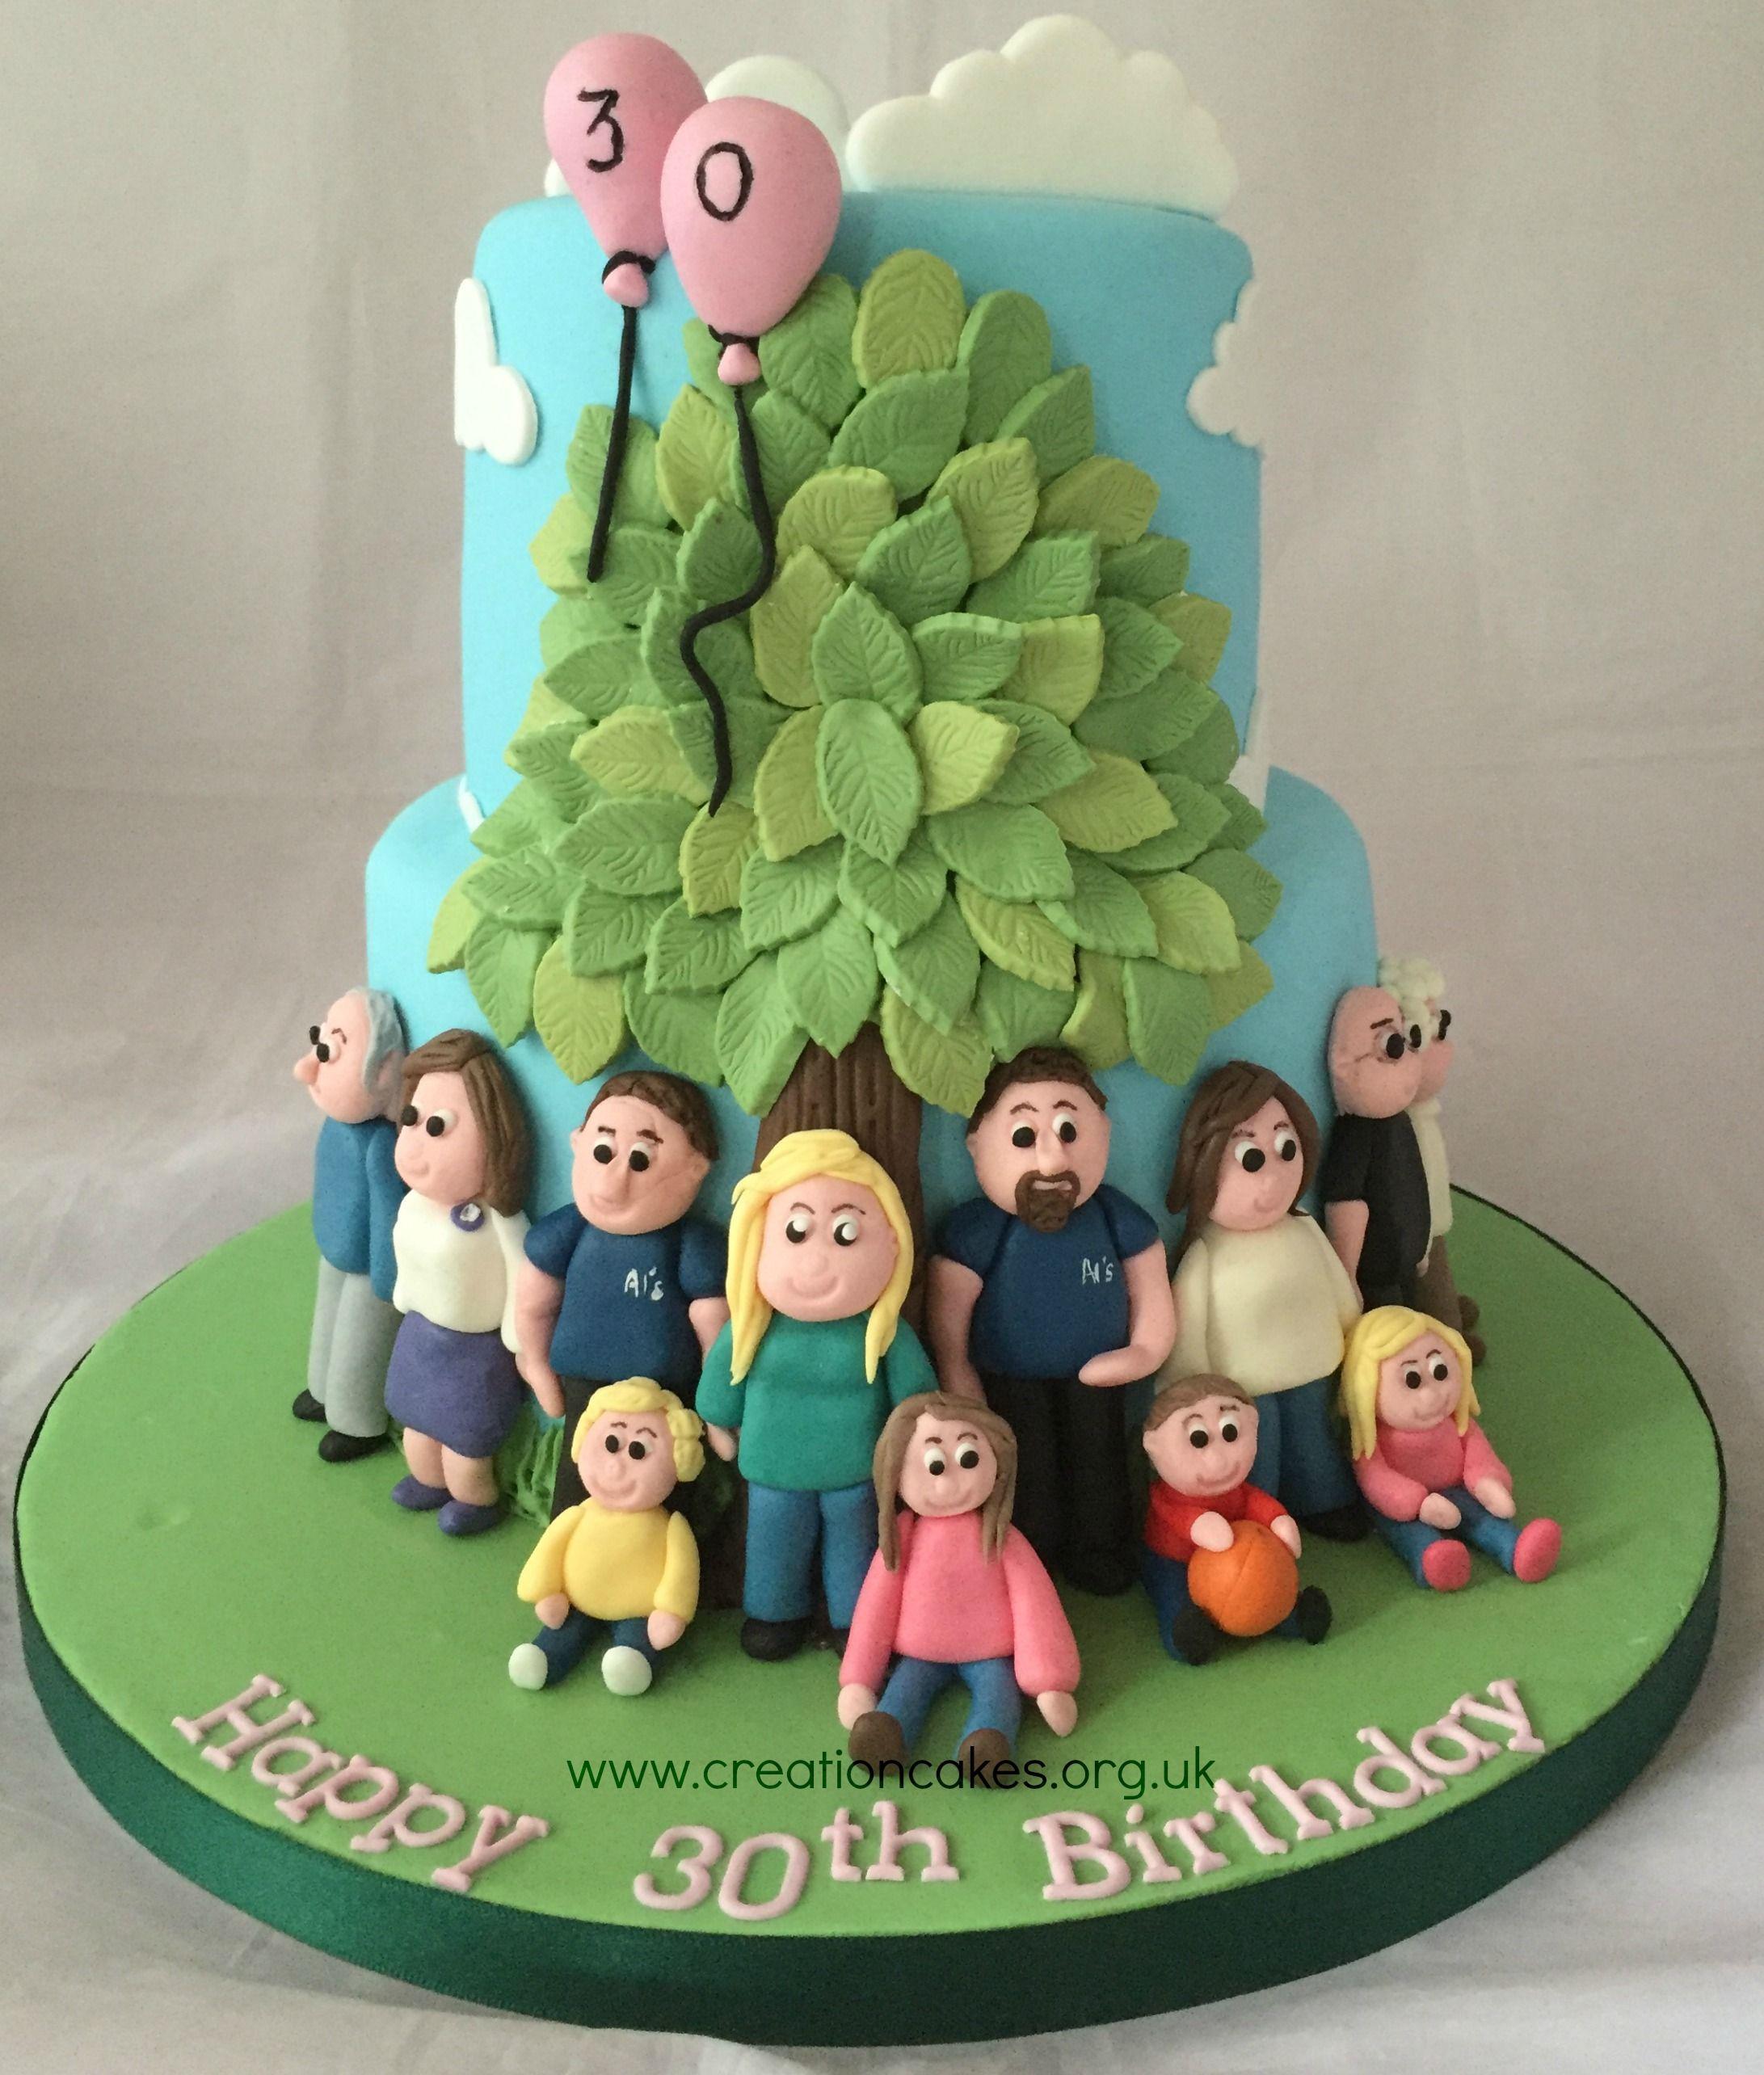 Family Tree 30th Birthday Cake